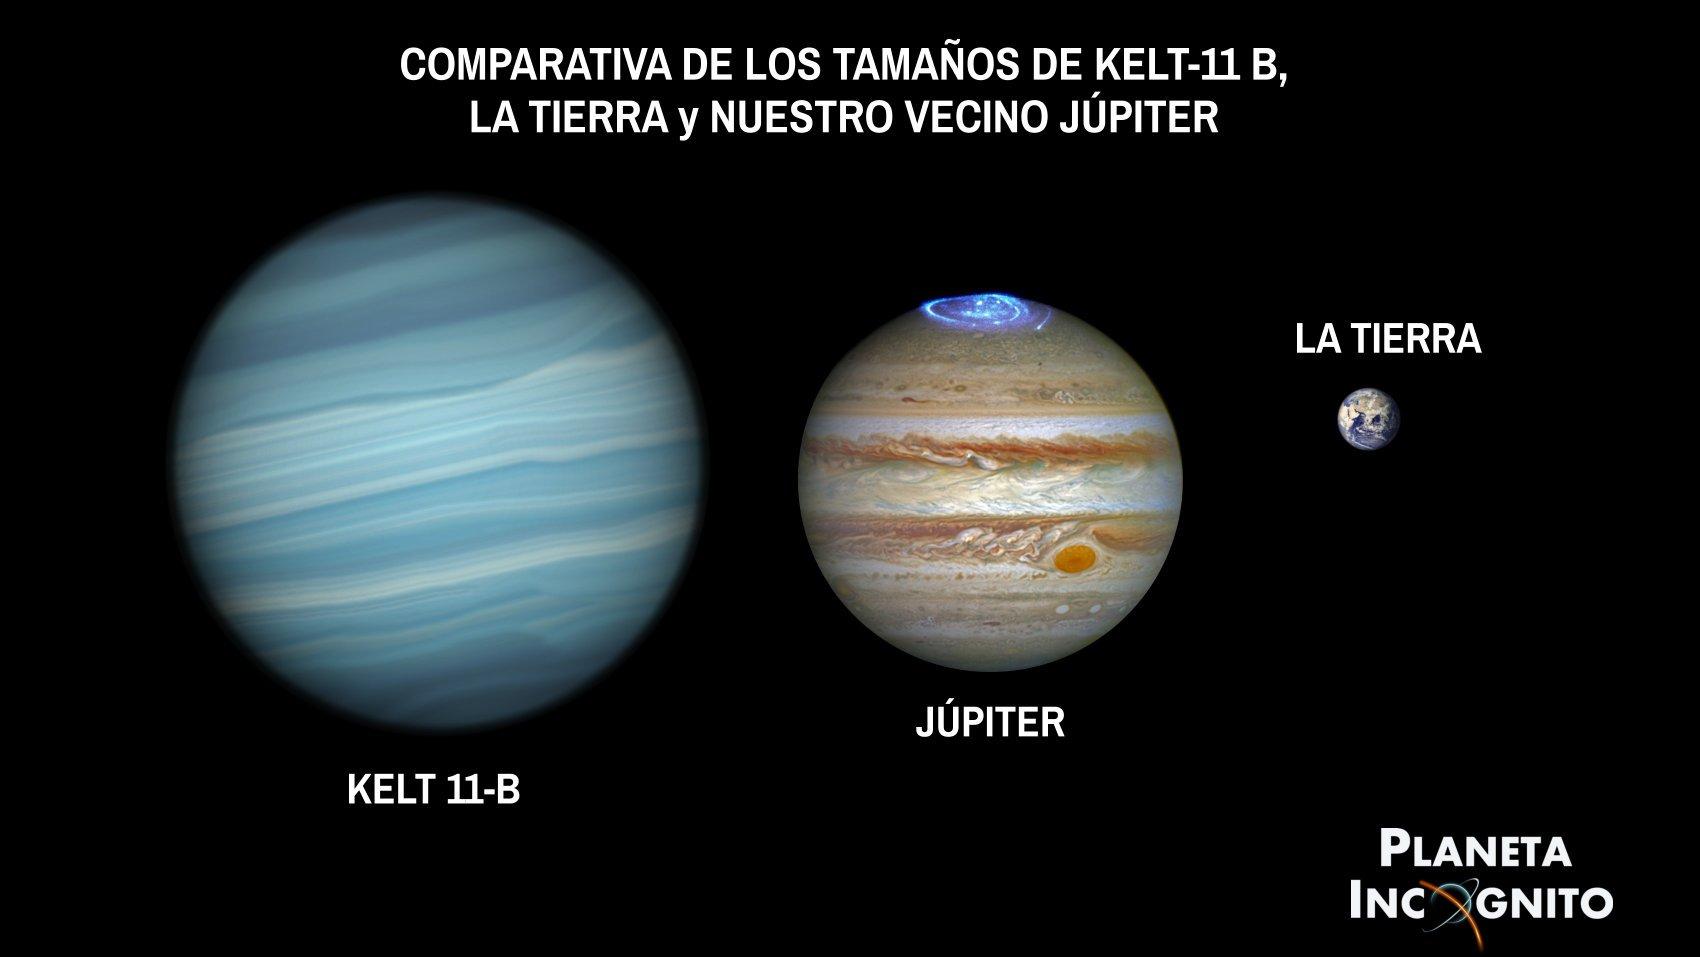 Comparativa, Planeta Incógnito